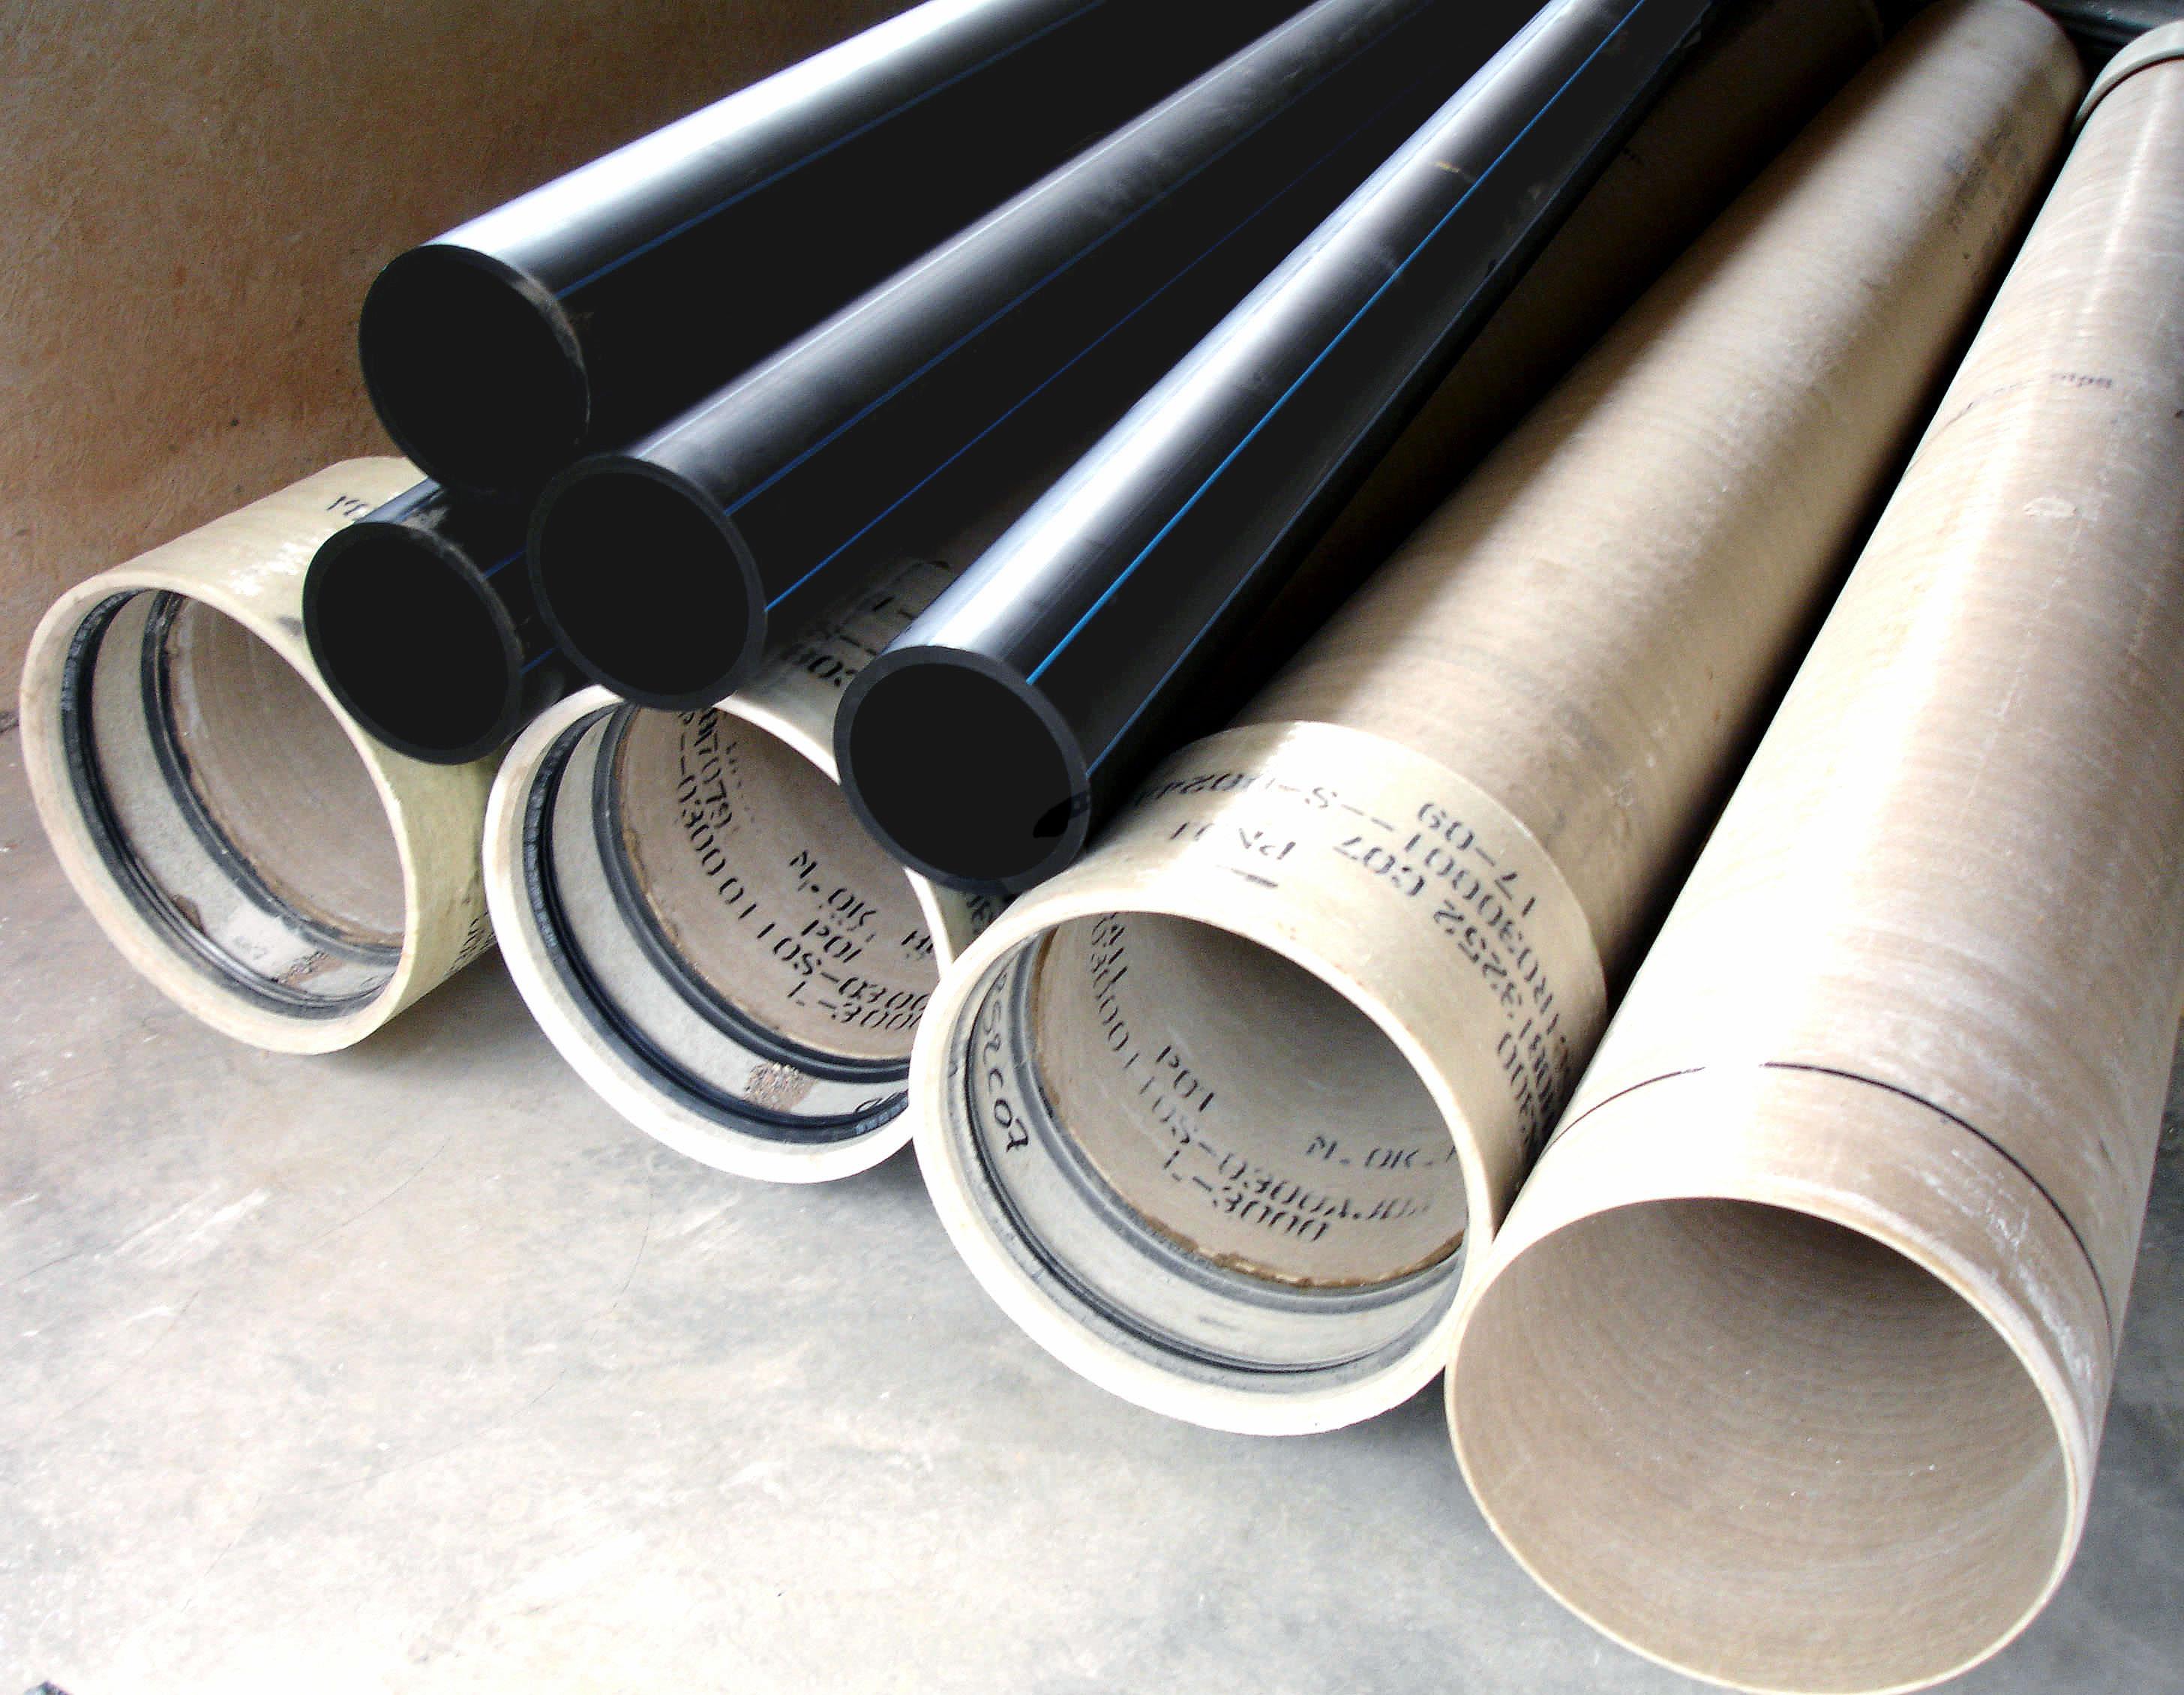 Testing plastic materials: plastic pipe standards